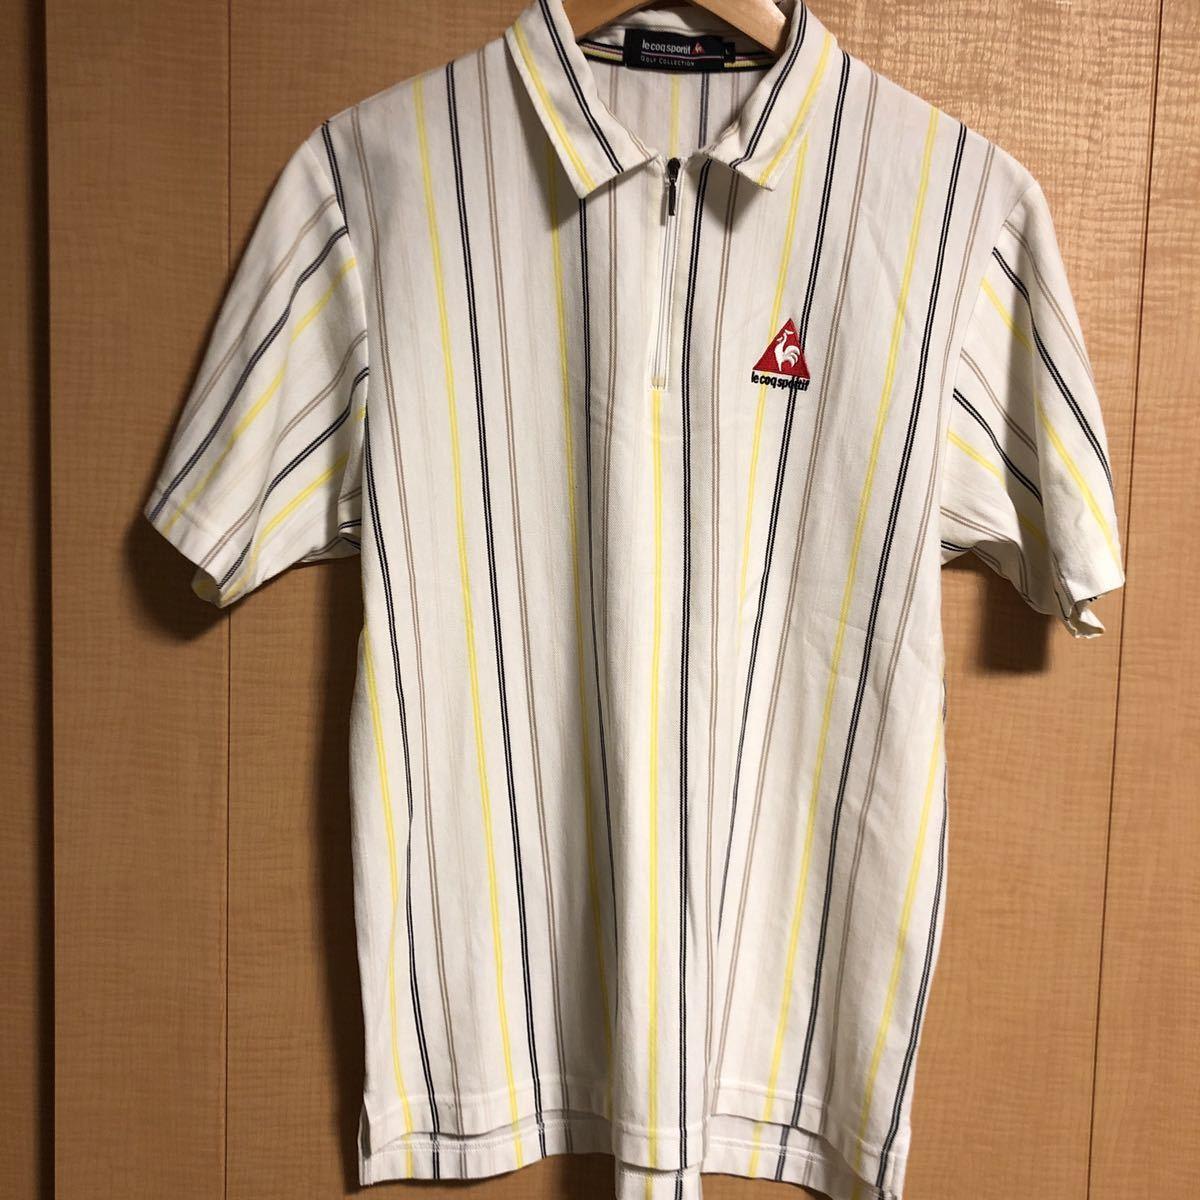 le coq sportif GOLF ルコック スポルティフ ゴルフ ハーフジップ ロゴ 半袖 ポロシャツ ストライプ メンズ SIZE L_画像2